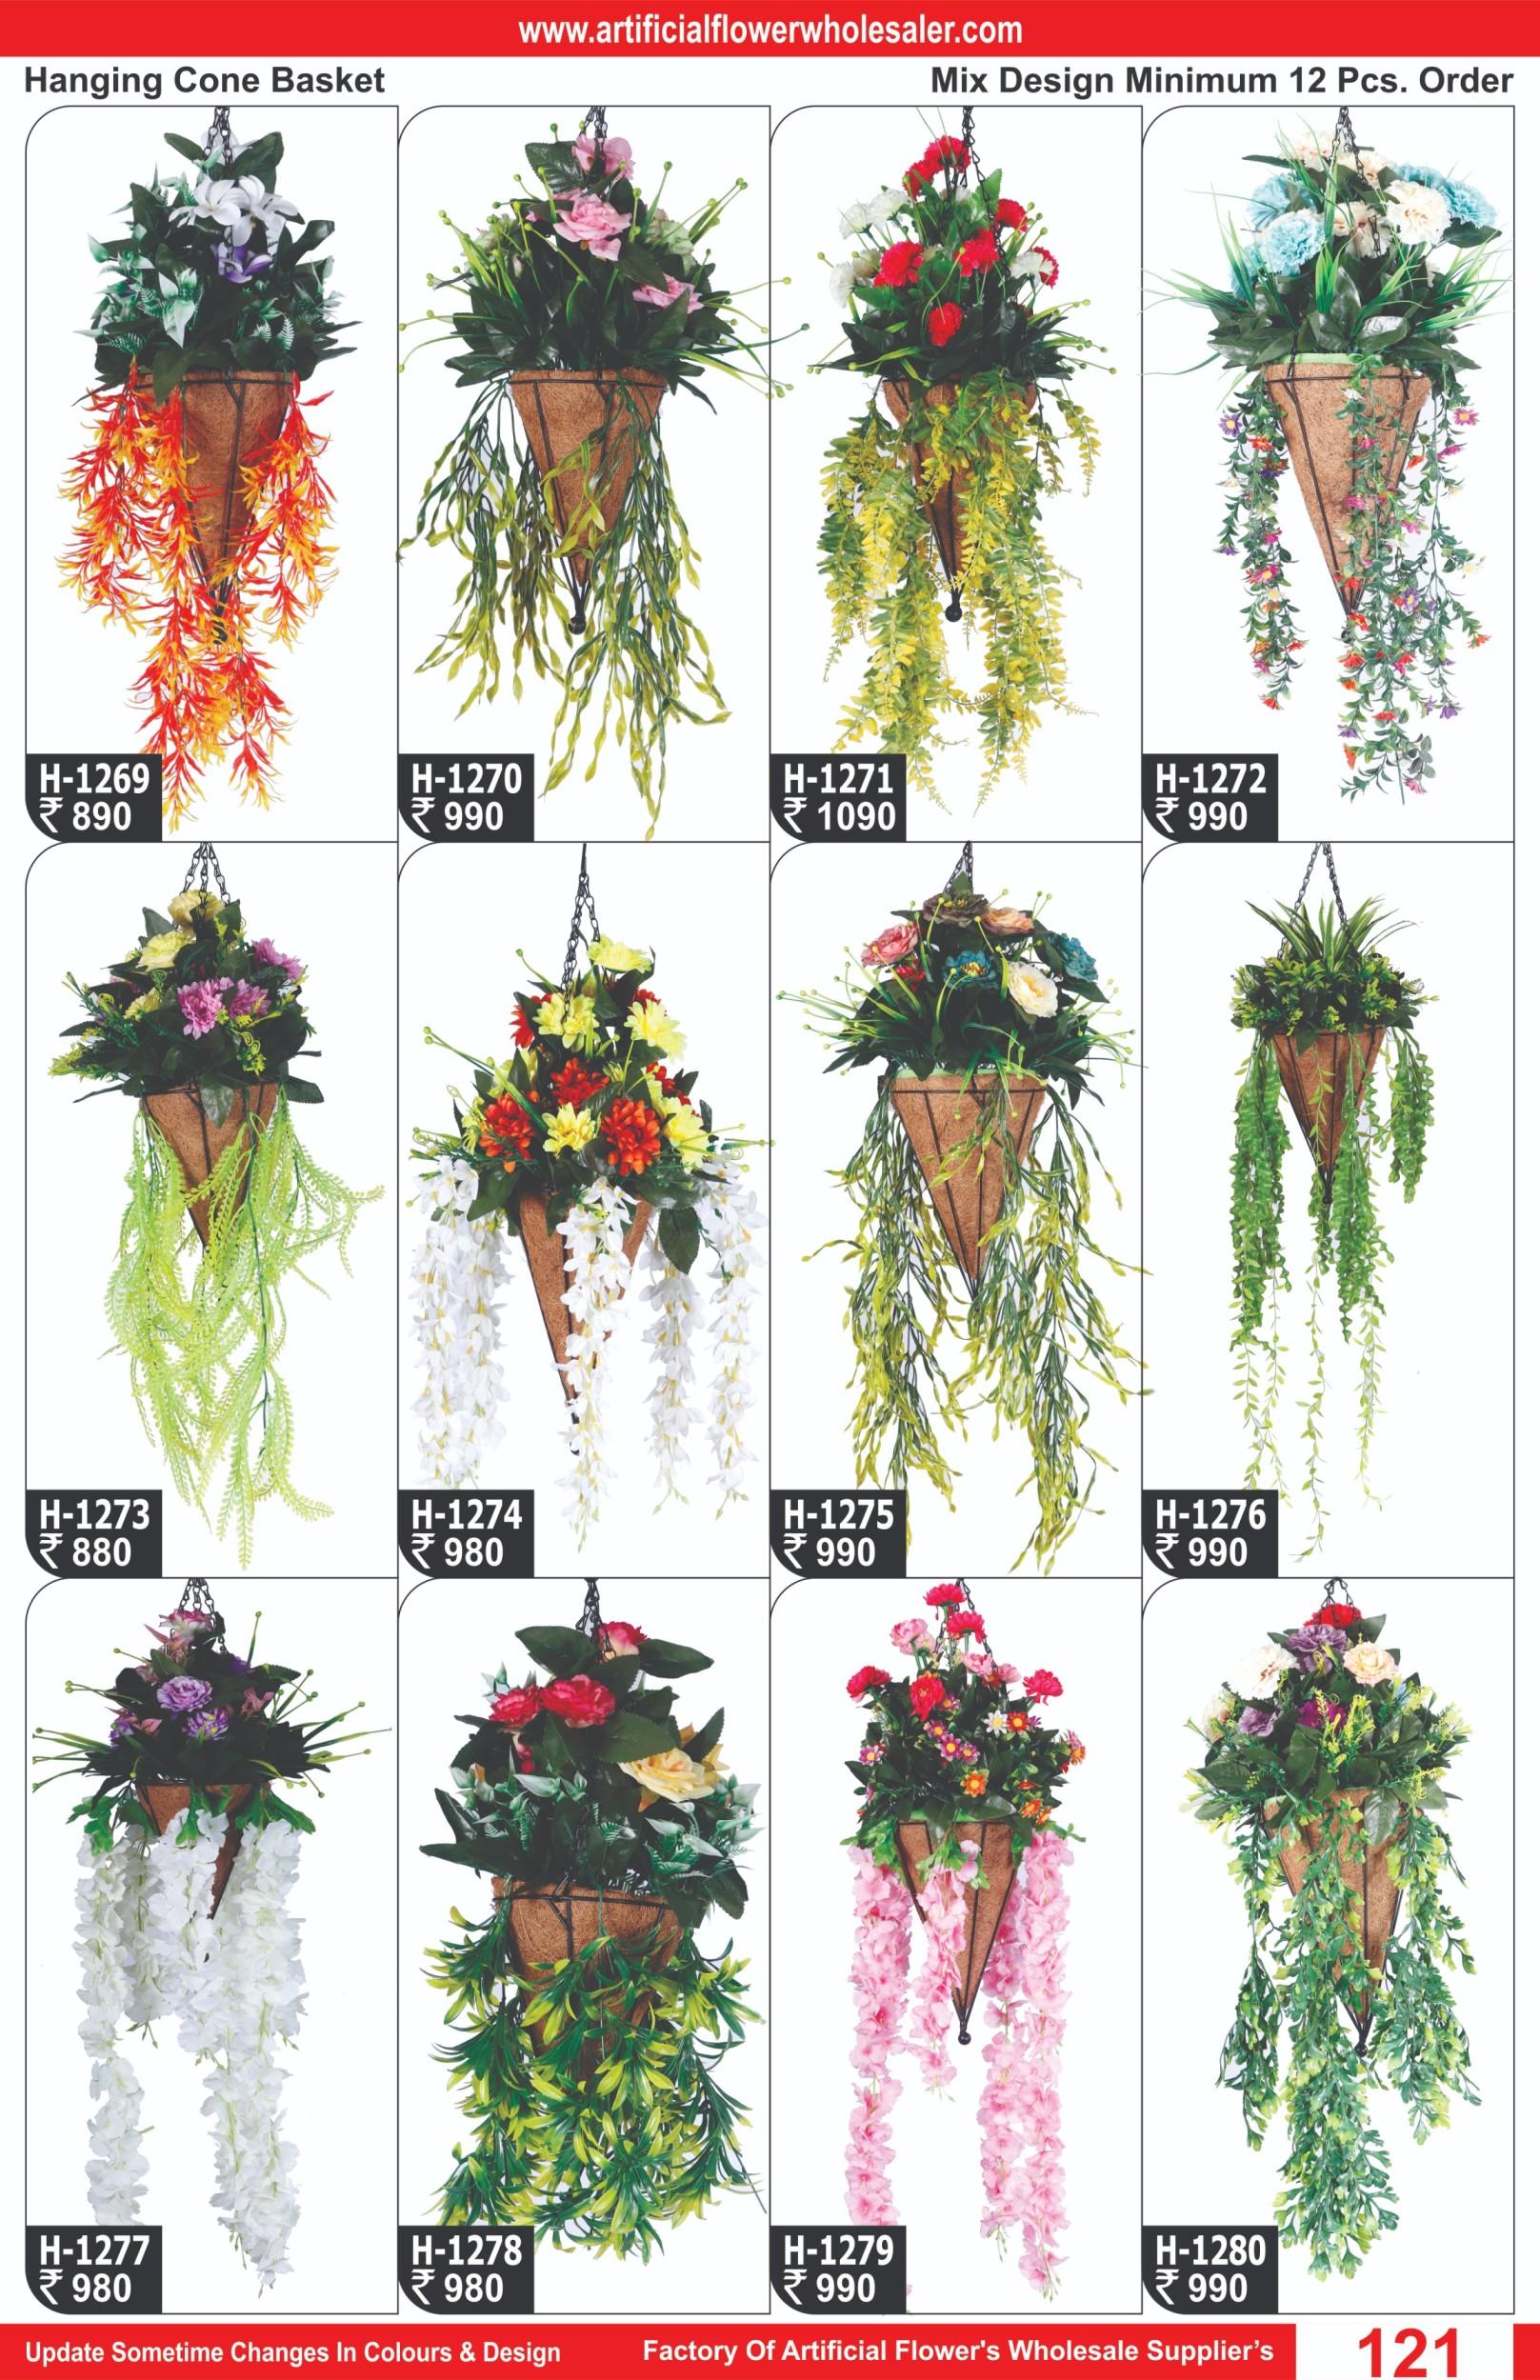 121-artificial-flower-wholesaler